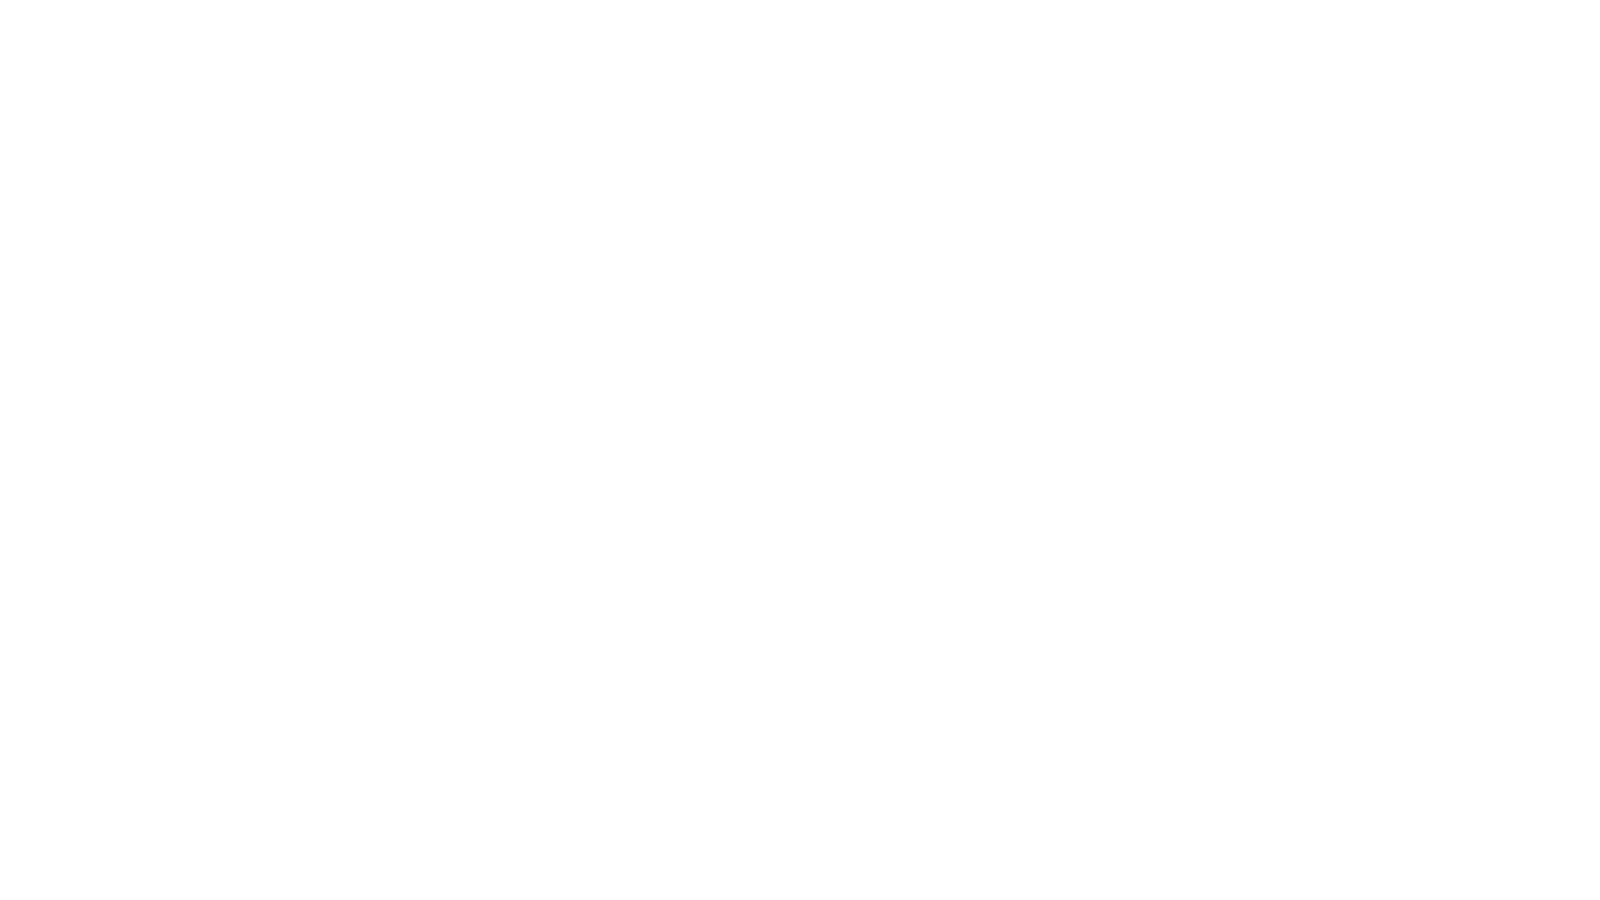 DIAMETRO.ORG presente en DIRECTO Ciclo del Centenario de Benito Perez Galdos. El escritor y periodista Jose Antonio Quintana Garcia nos ofrece una conferencia hablando de Jose Hurtado Mendoza en Cuba con motivo de este centenario.